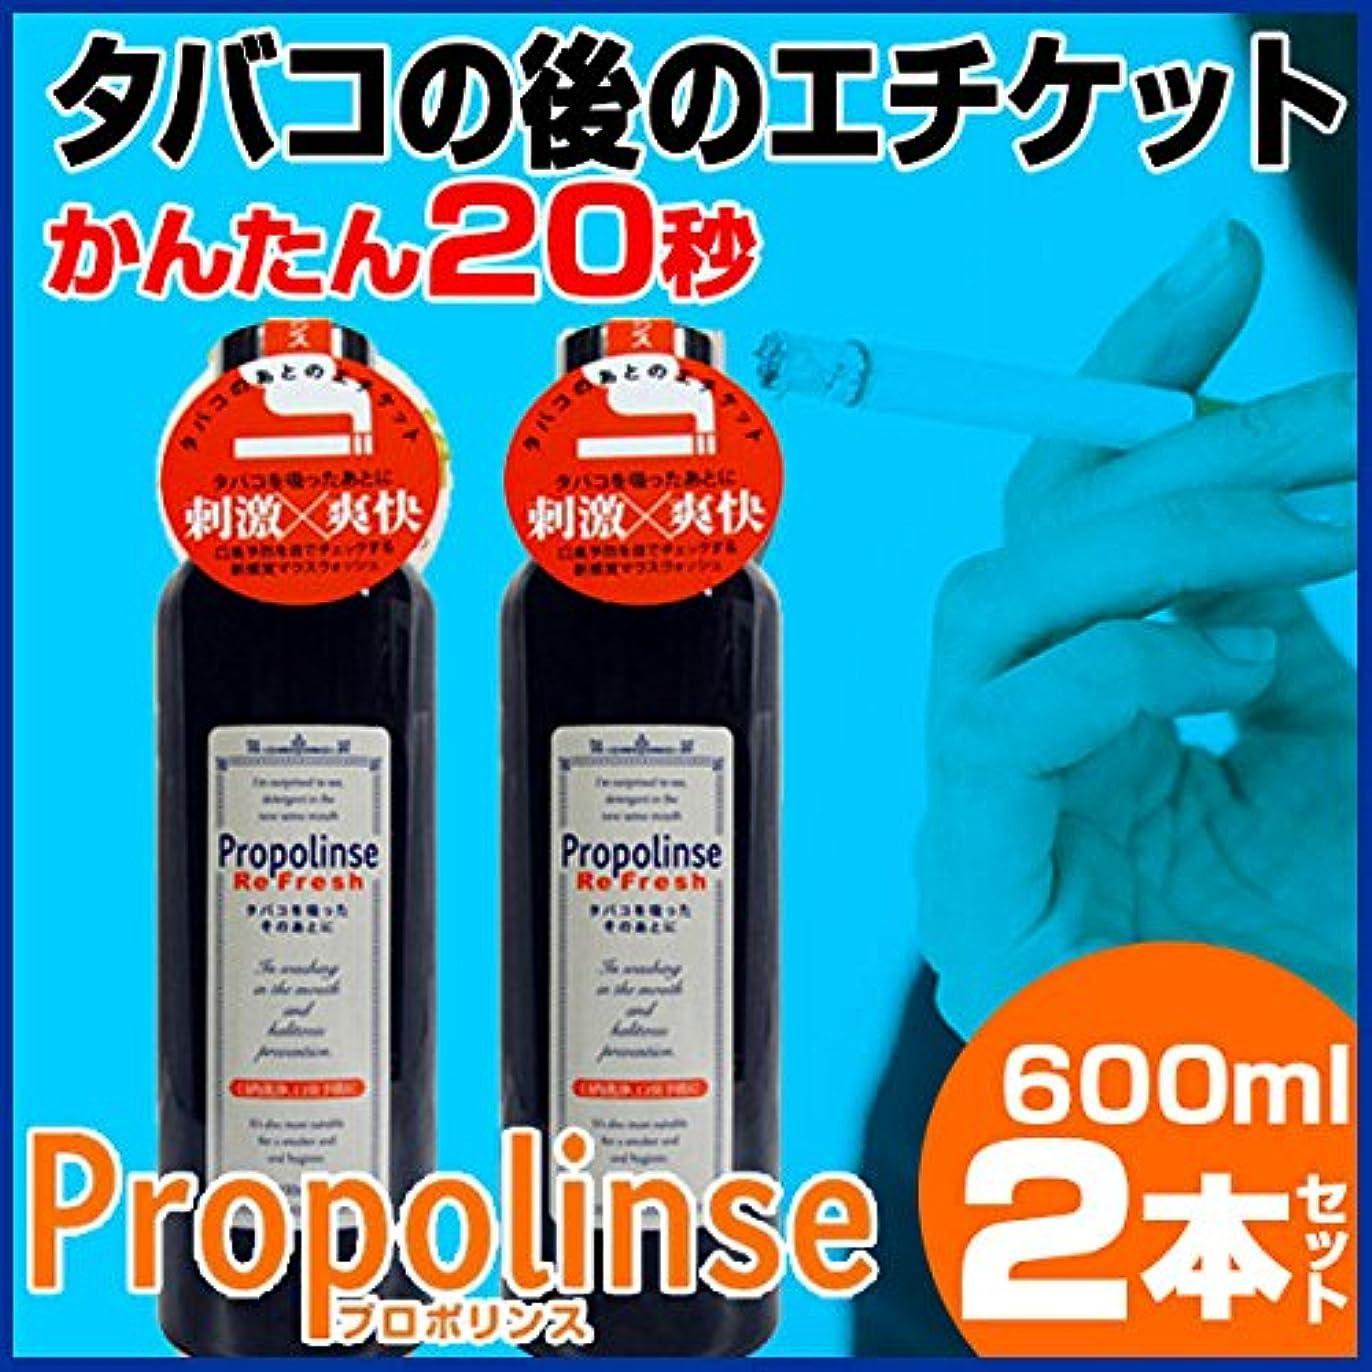 電子レンジめまい誓いプロポリンス リフレッシュ600ml【まとめ買い2個セット】